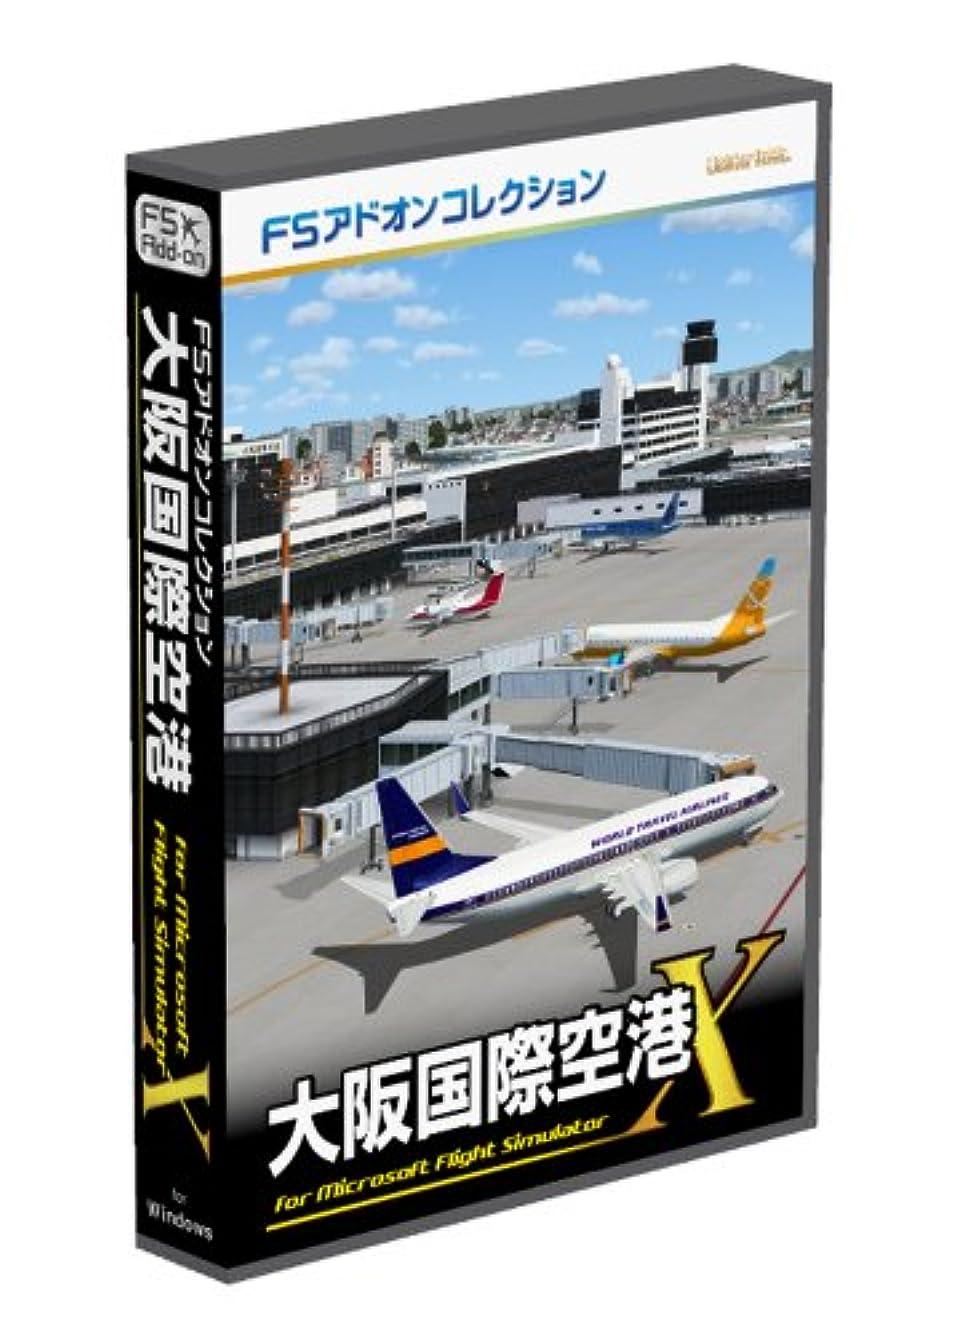 ばかげた悪党コーチテクノブレイン FSアドオンコレクション 大阪国際空港